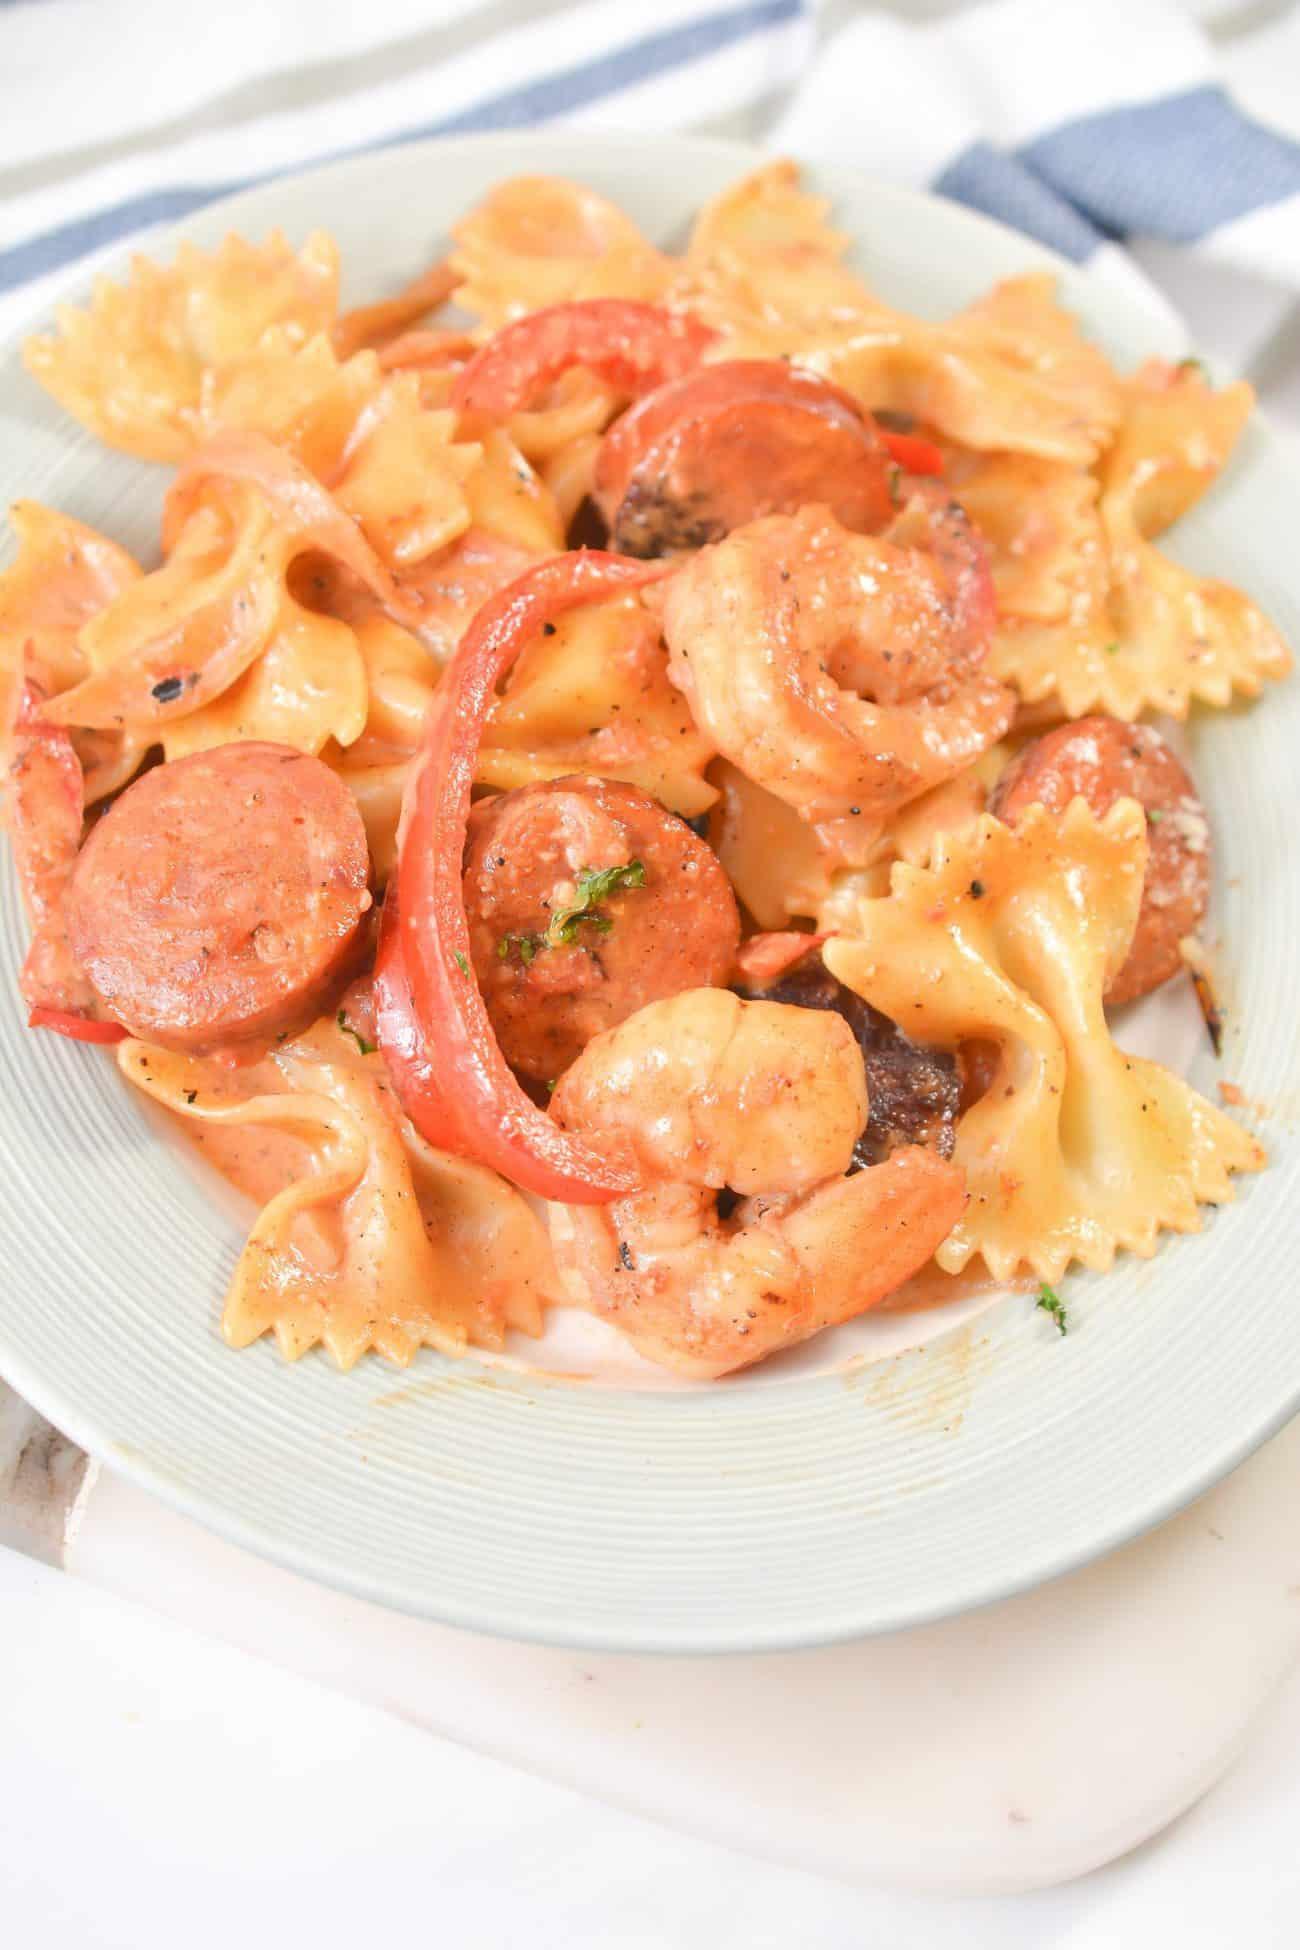 Cajun Shrimp Pasta with Sausage